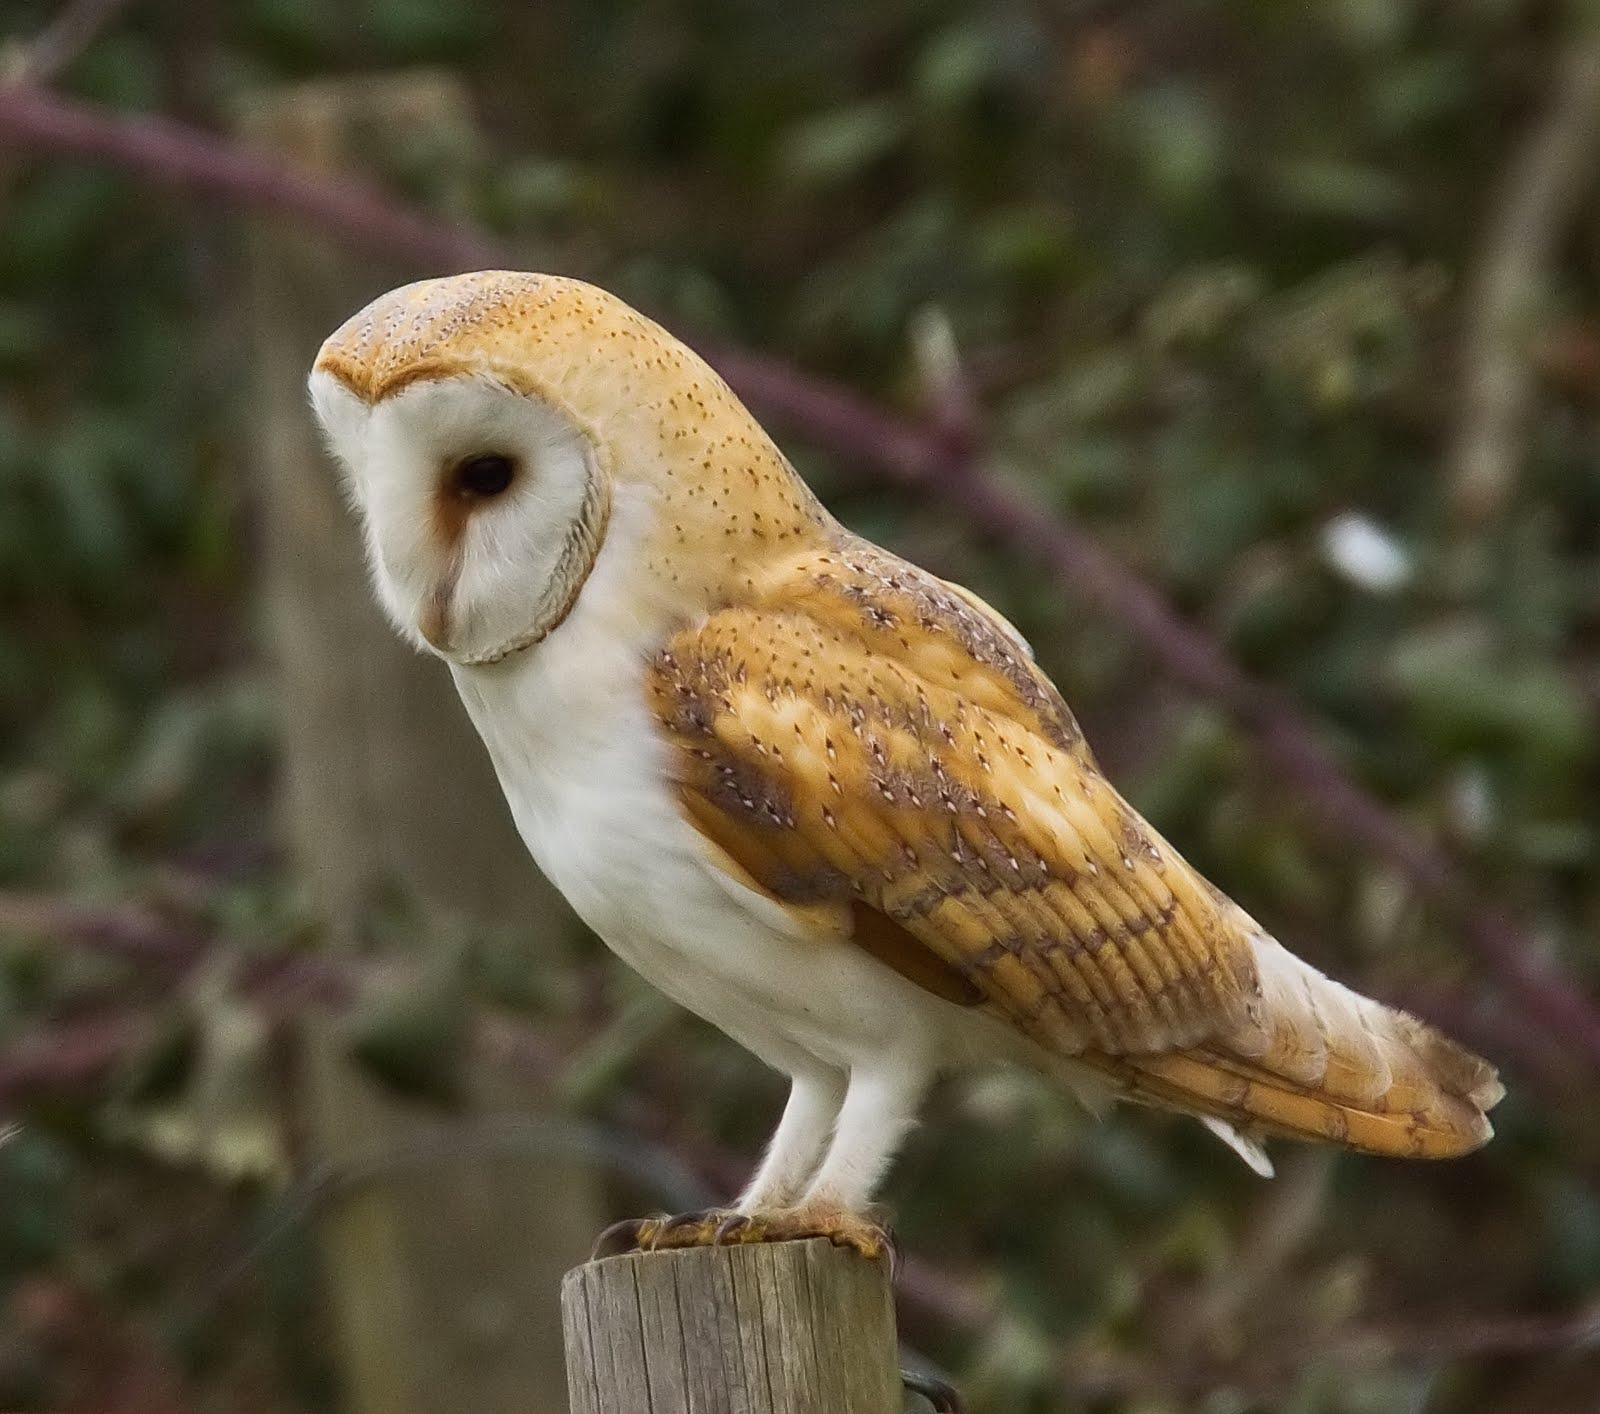 Barn Owl | The Parody Wiki | FANDOM powered by Wikia